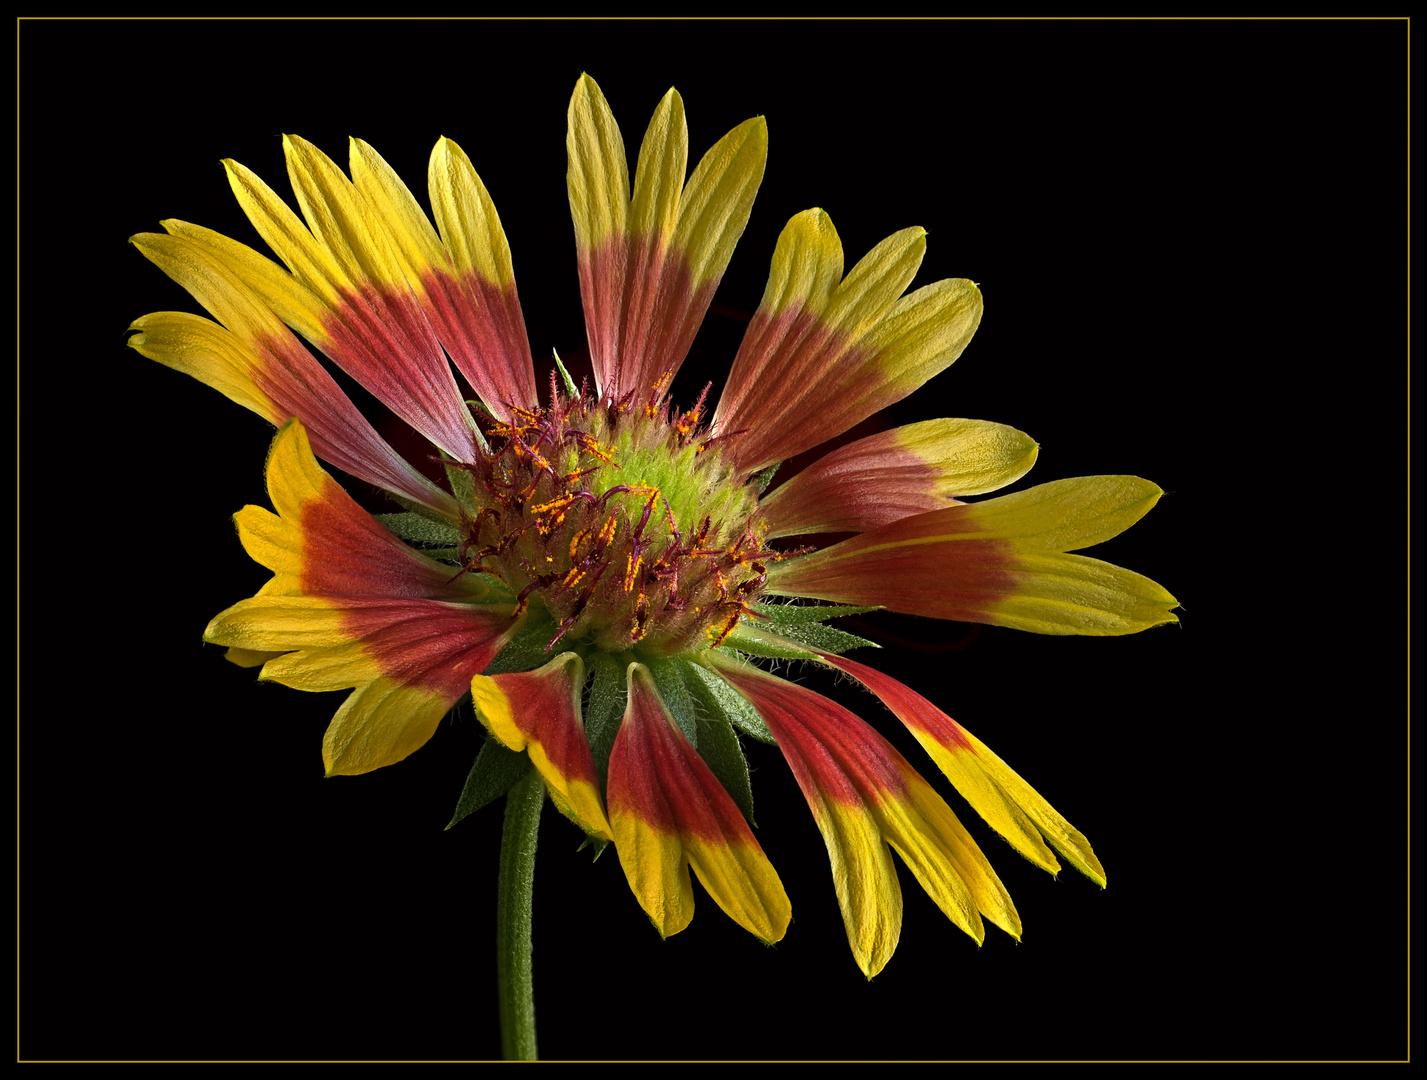 Nun verabschieden sich die sommerlichen Blumen aus dem Garten